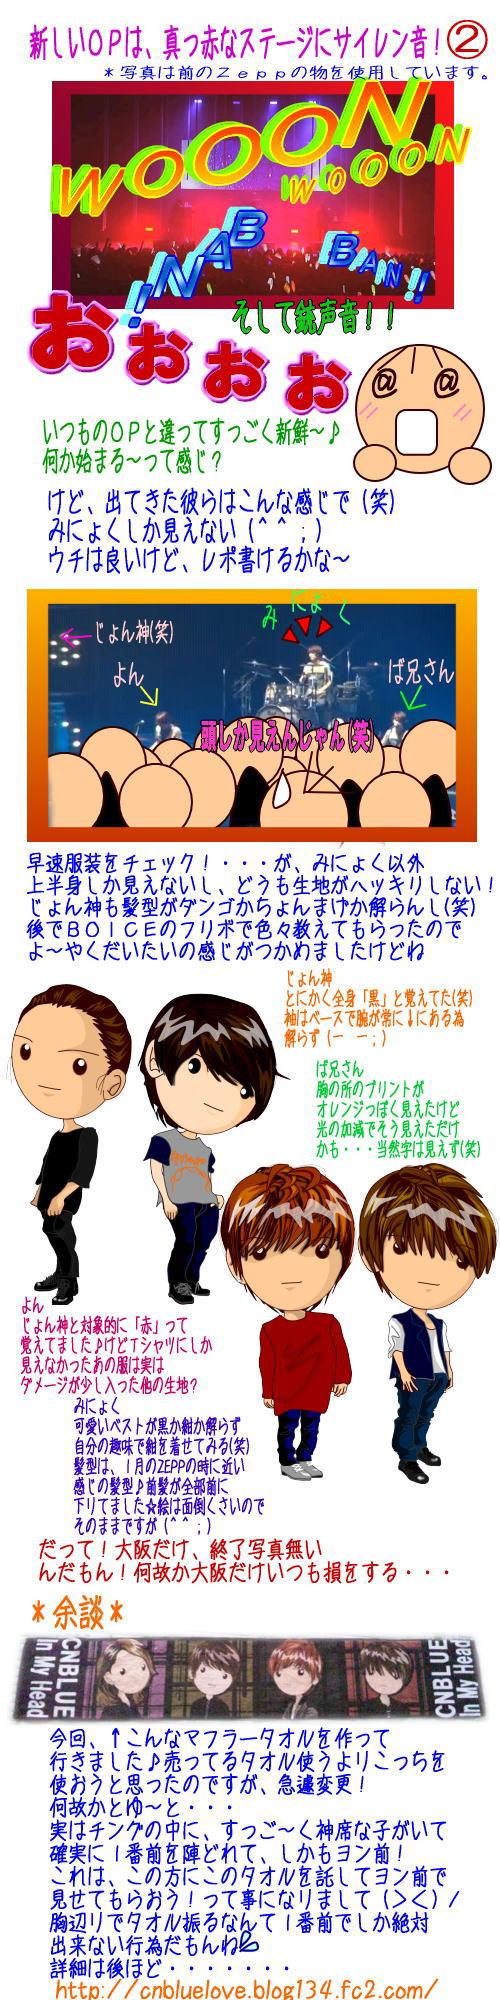 2011.12.14Zepp大阪レポ-2